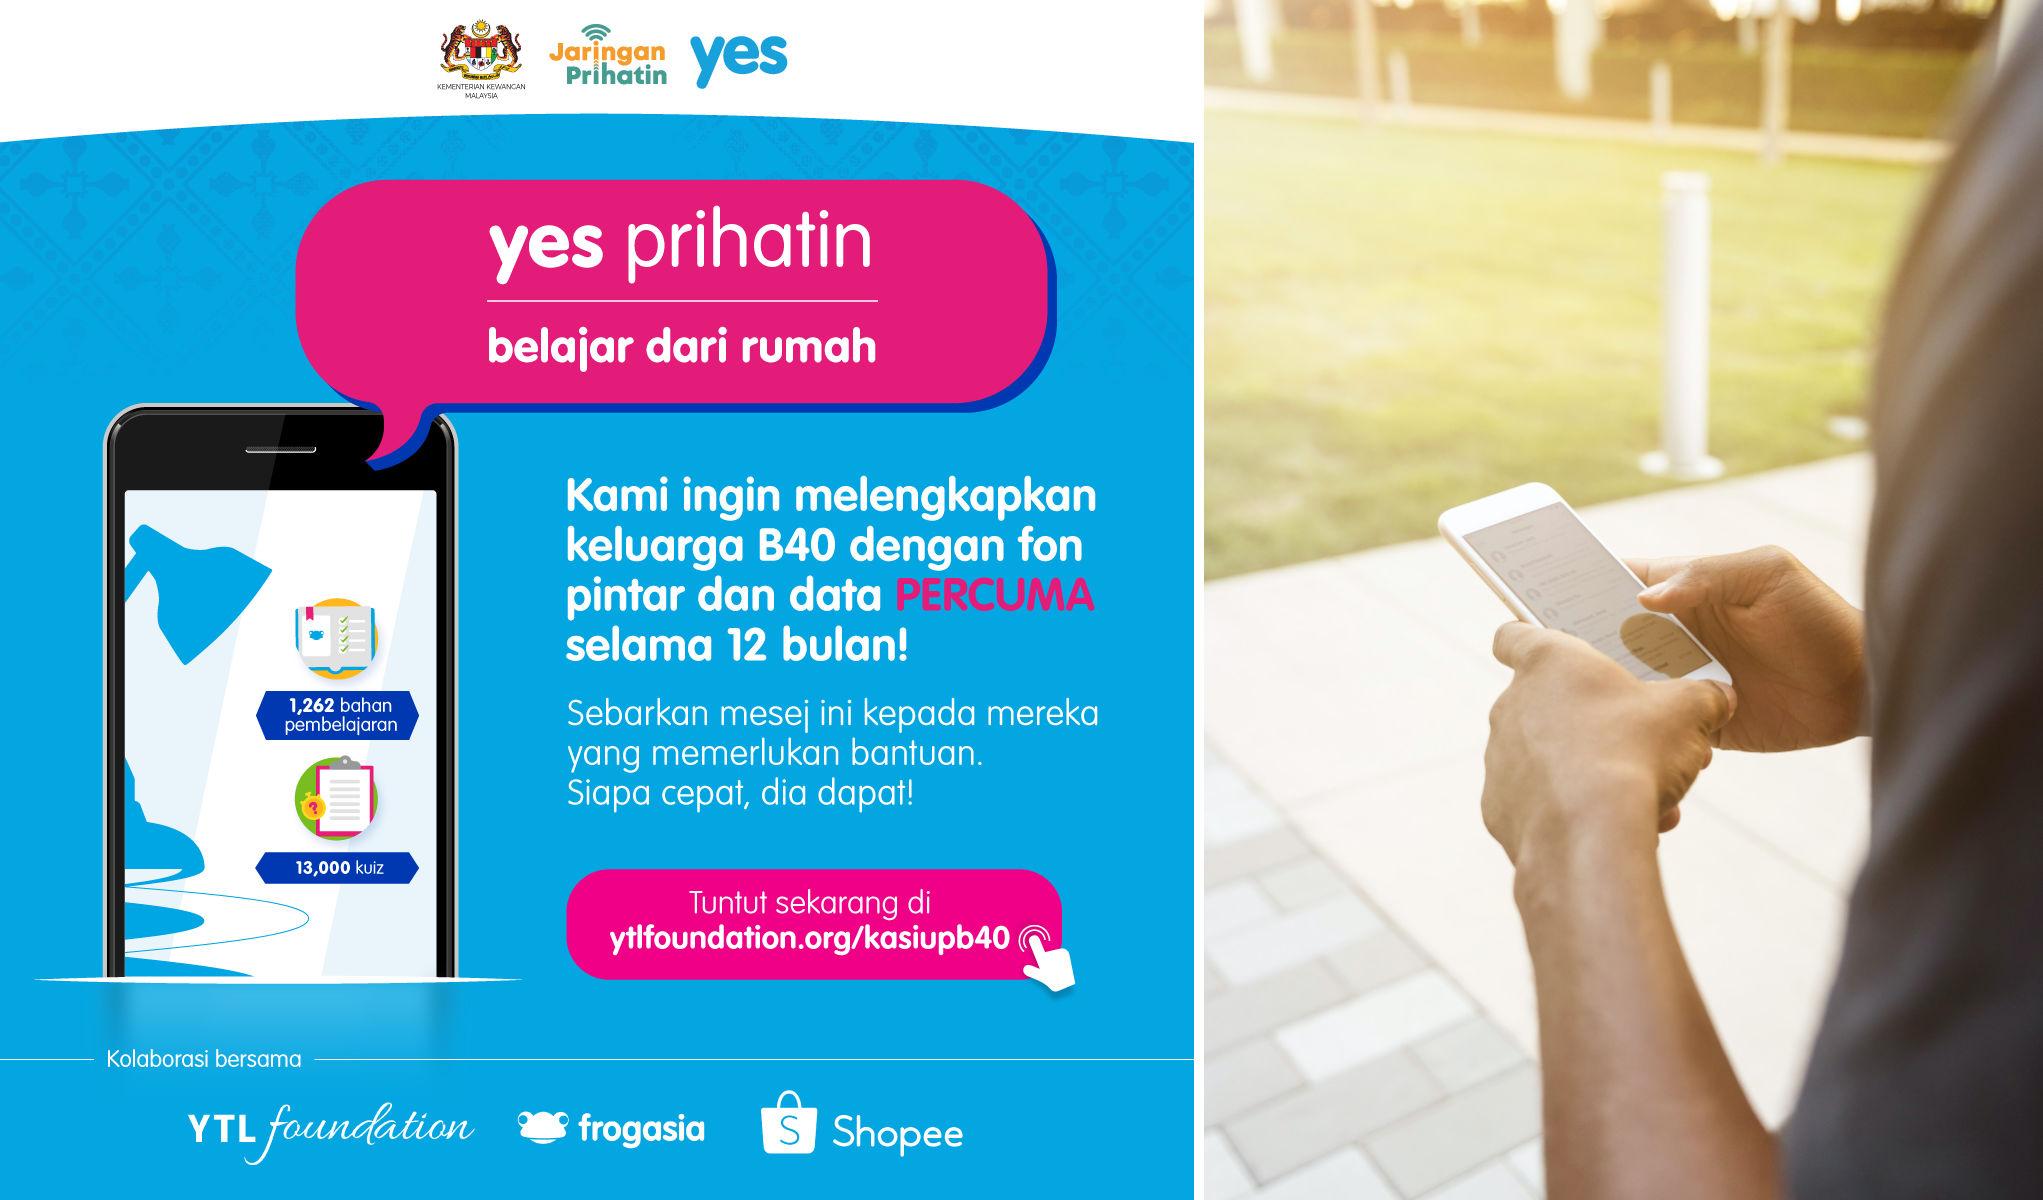 Program YES Prihatin Akan Berikan Telefon Pintar Percuma Khusus Kepada Keluarga B40